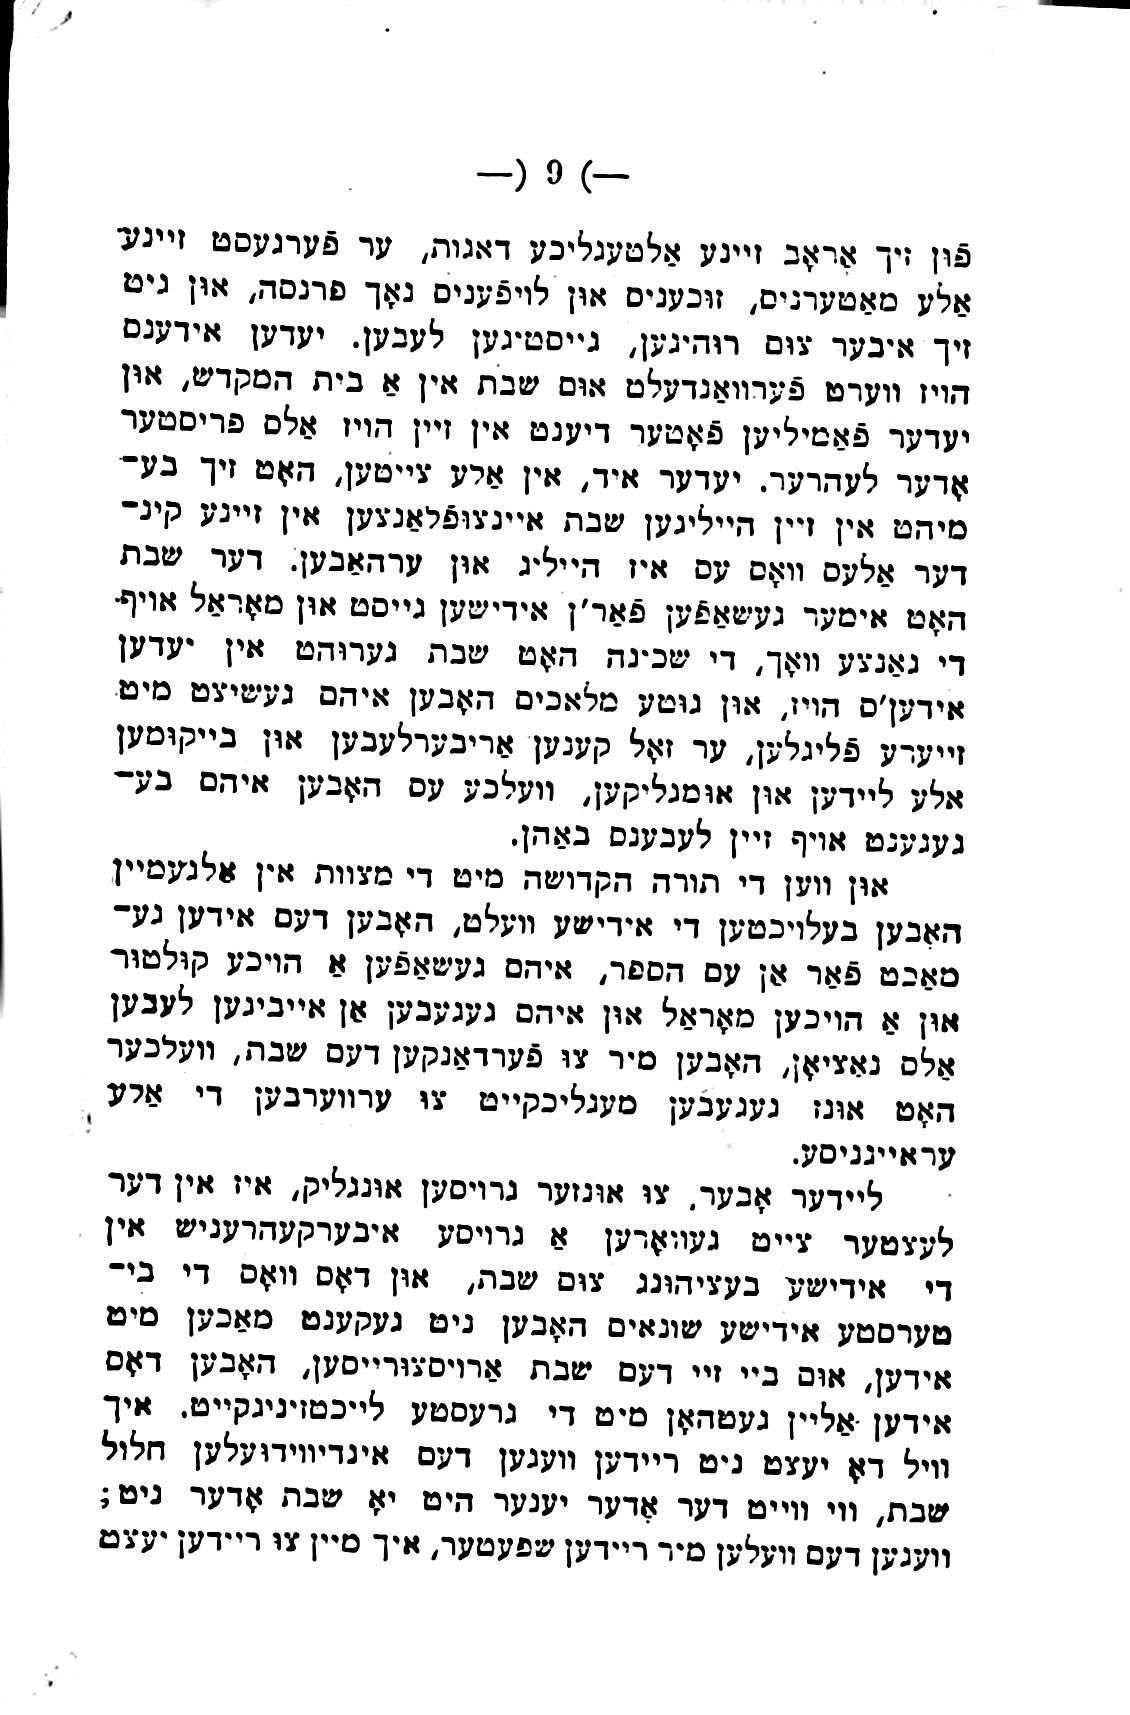 Menuchat Shabbat07